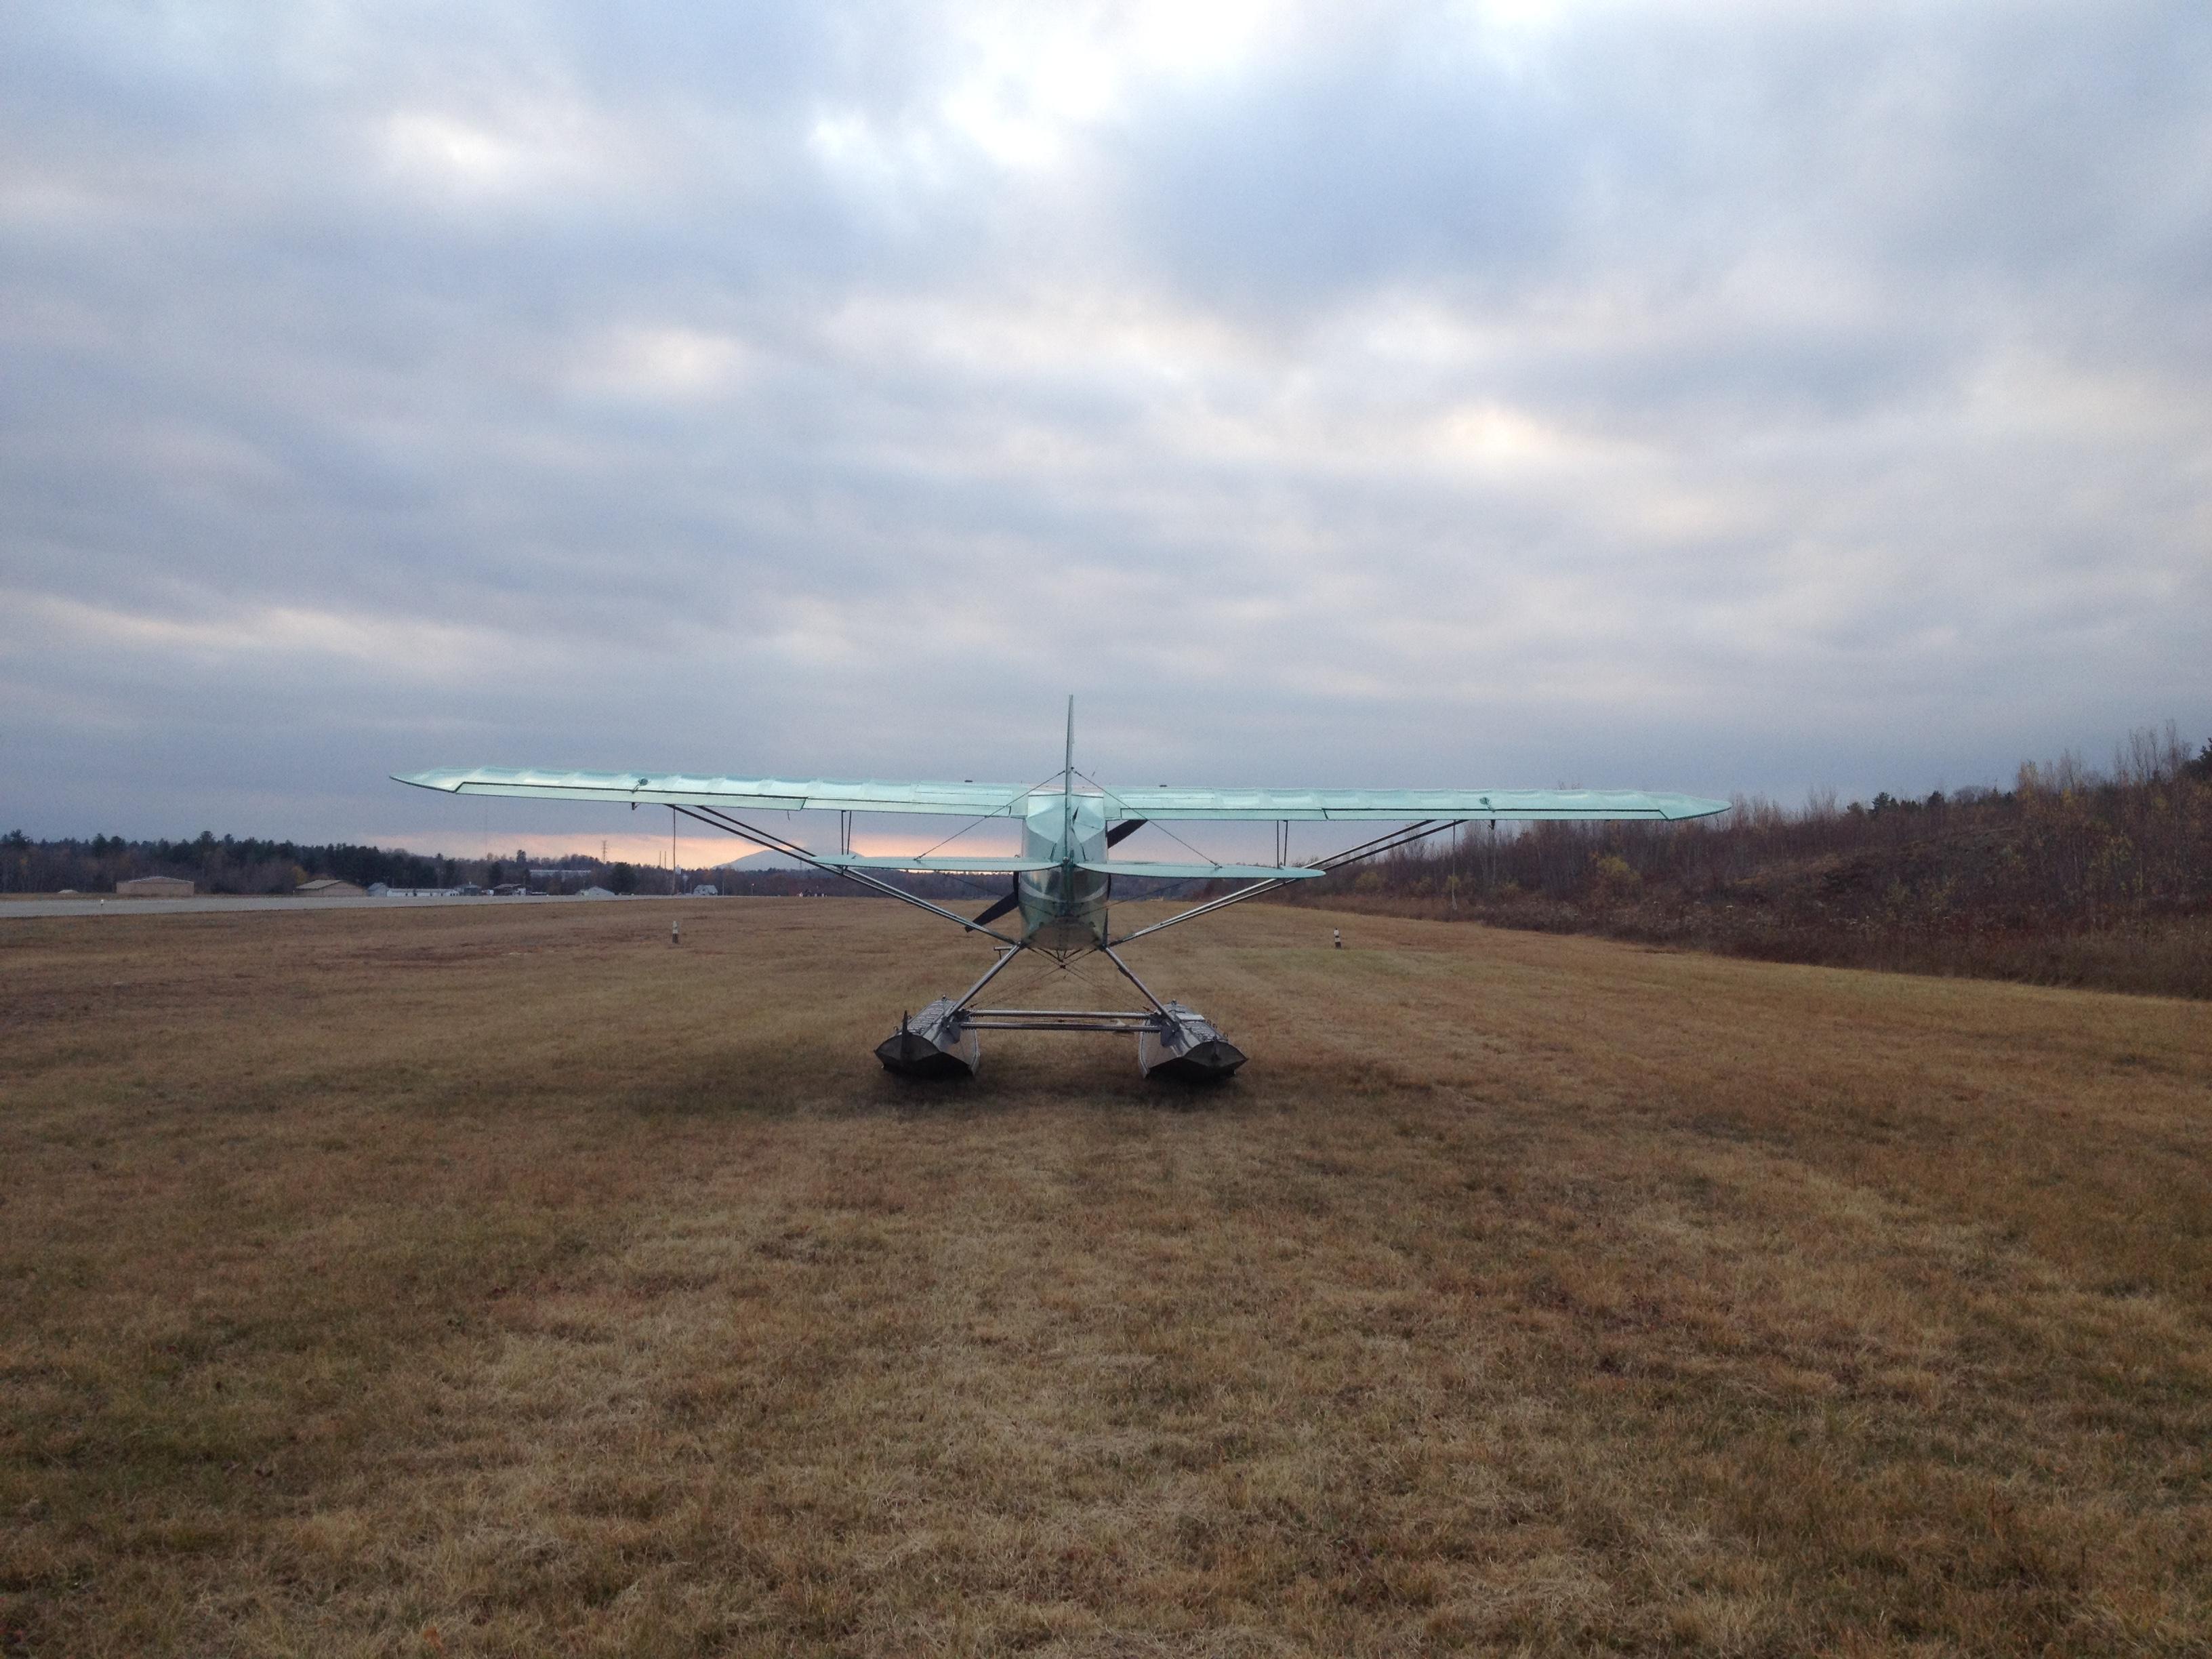 End of Season Landing in the Grass II